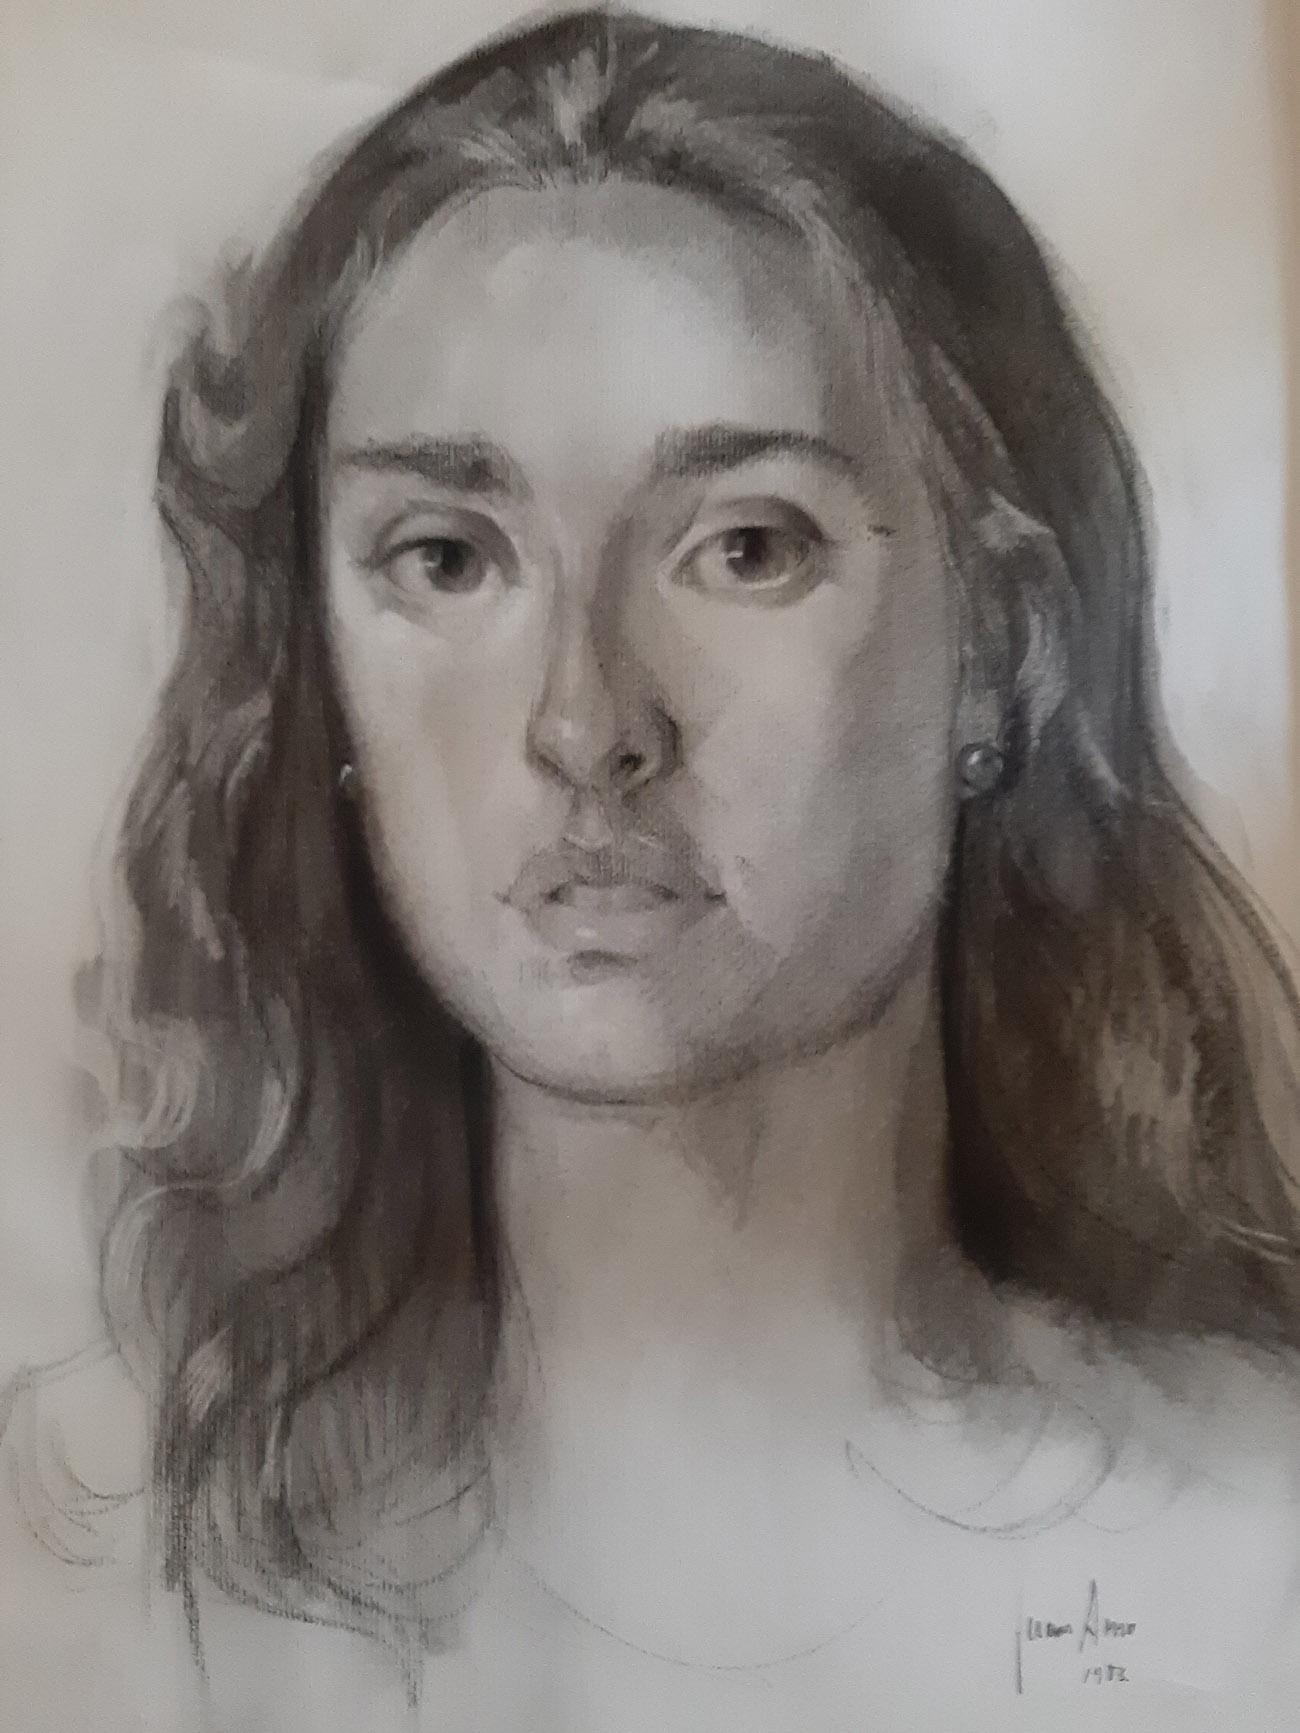 ELISA AMO SAUS. Retrato Dibujo de Juan Amo.